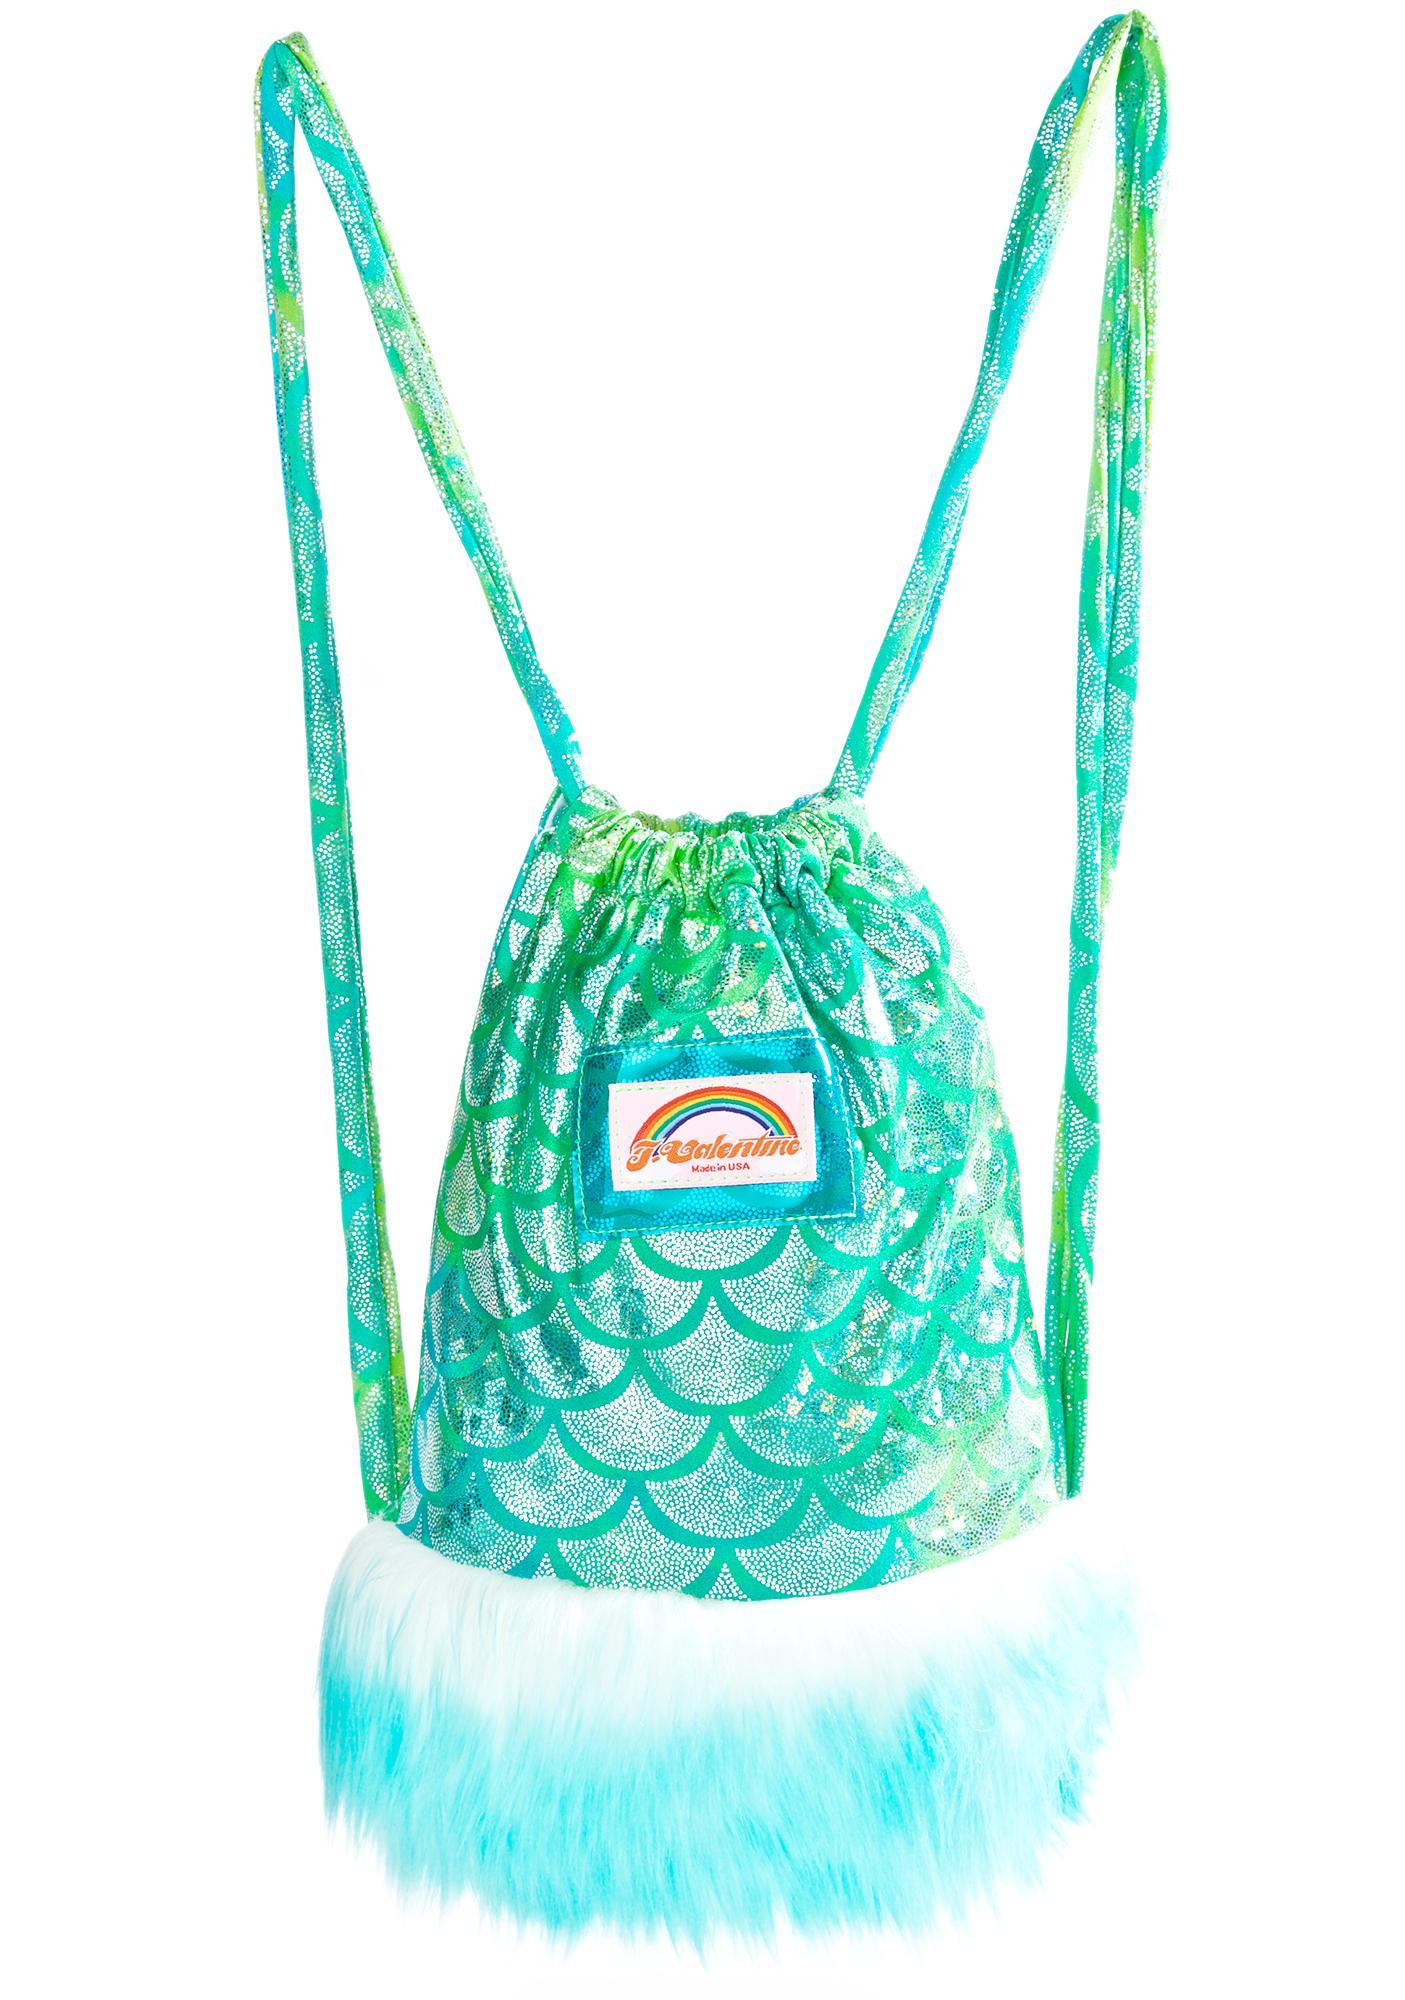 J Valentine Aqua Mermaid Light-Up Mini Backpack